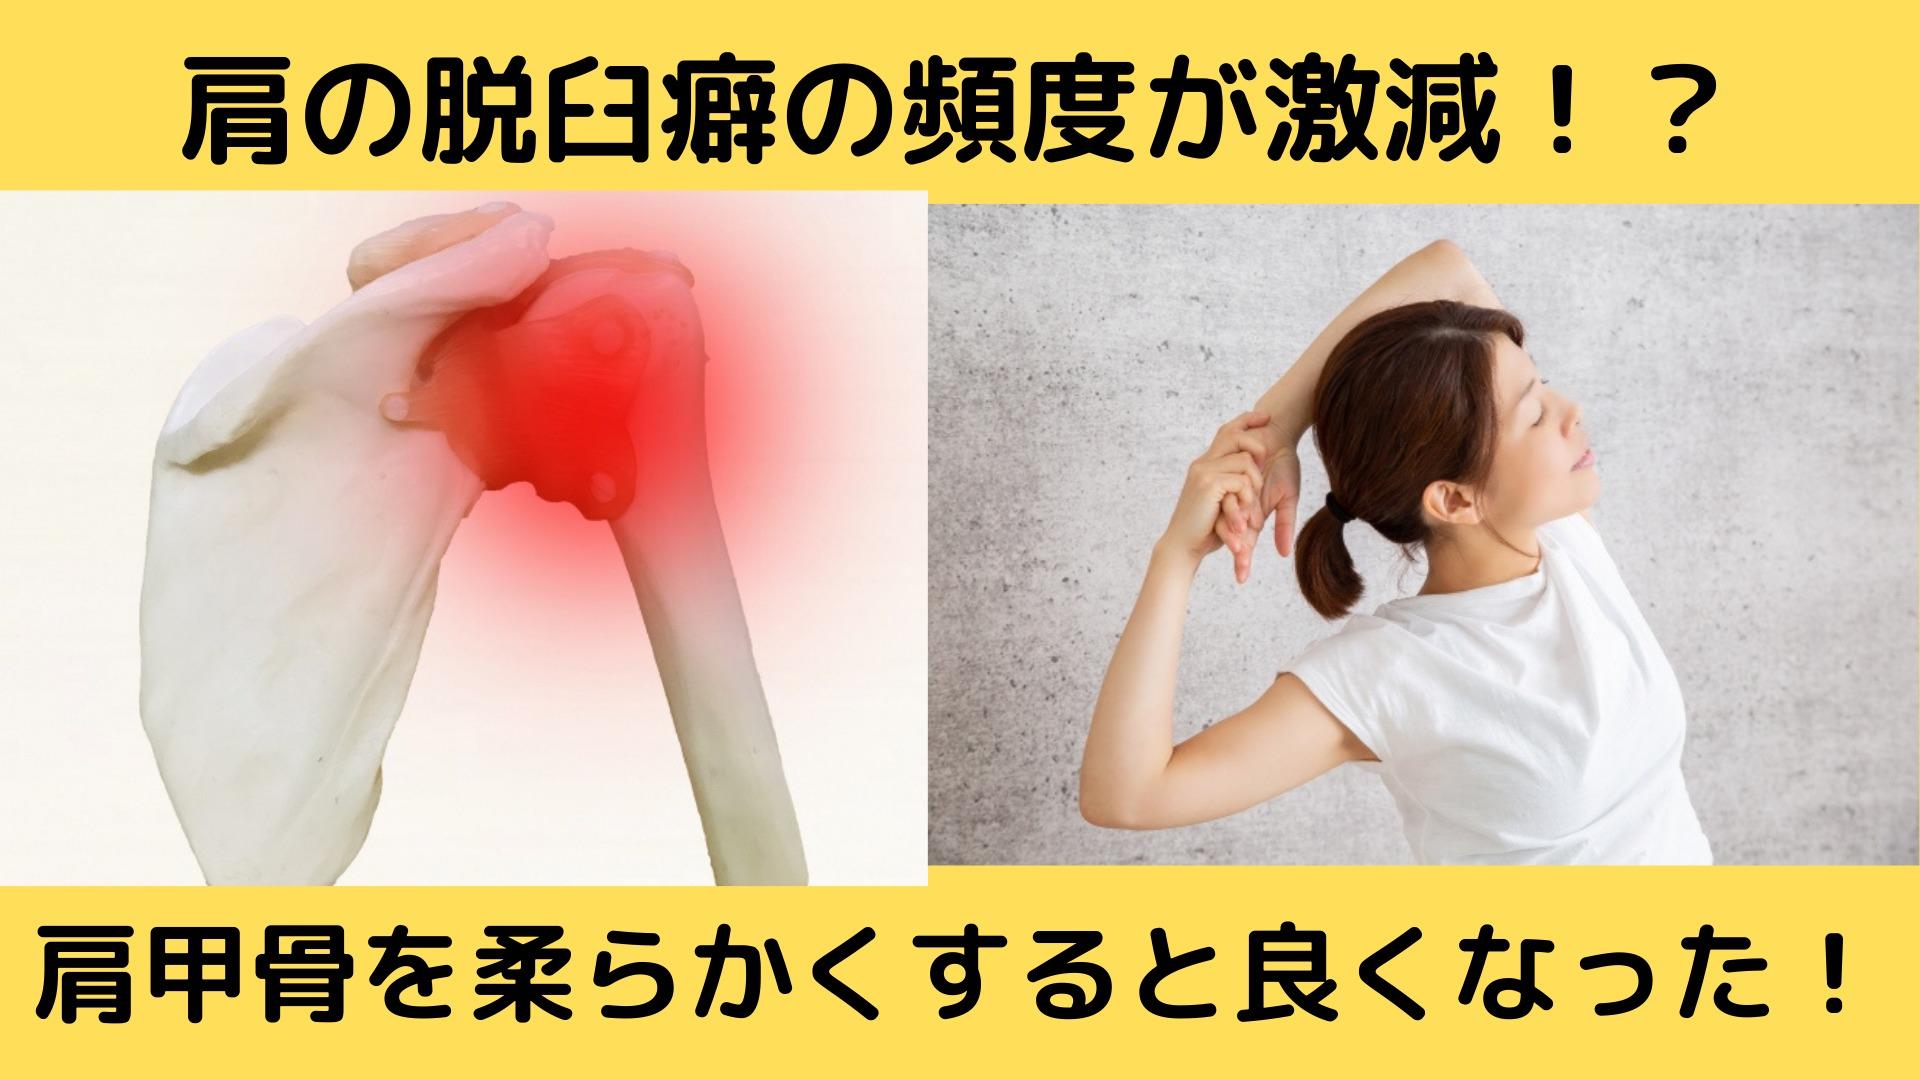 肩の脱臼癖の頻度が激減!?肩甲骨を柔らかくすると良くなった!